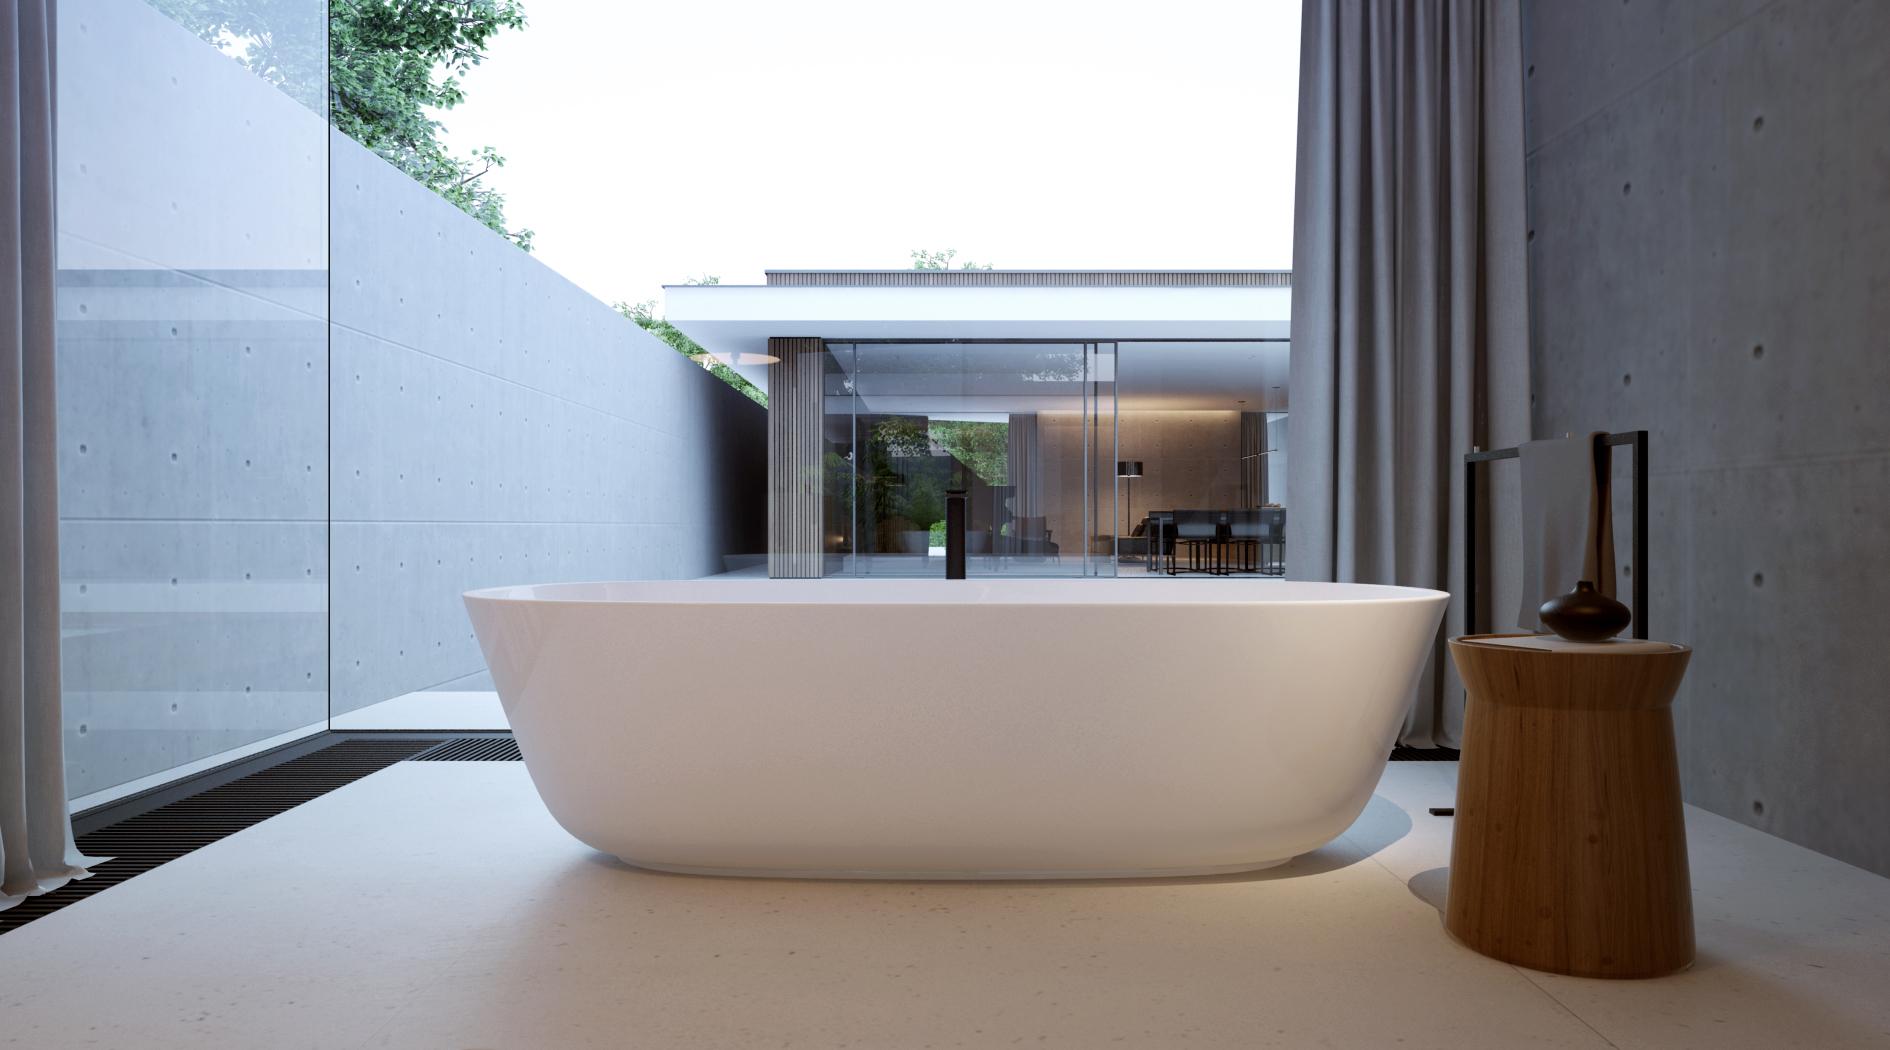 Luxe badkamer met hout, beton en glas